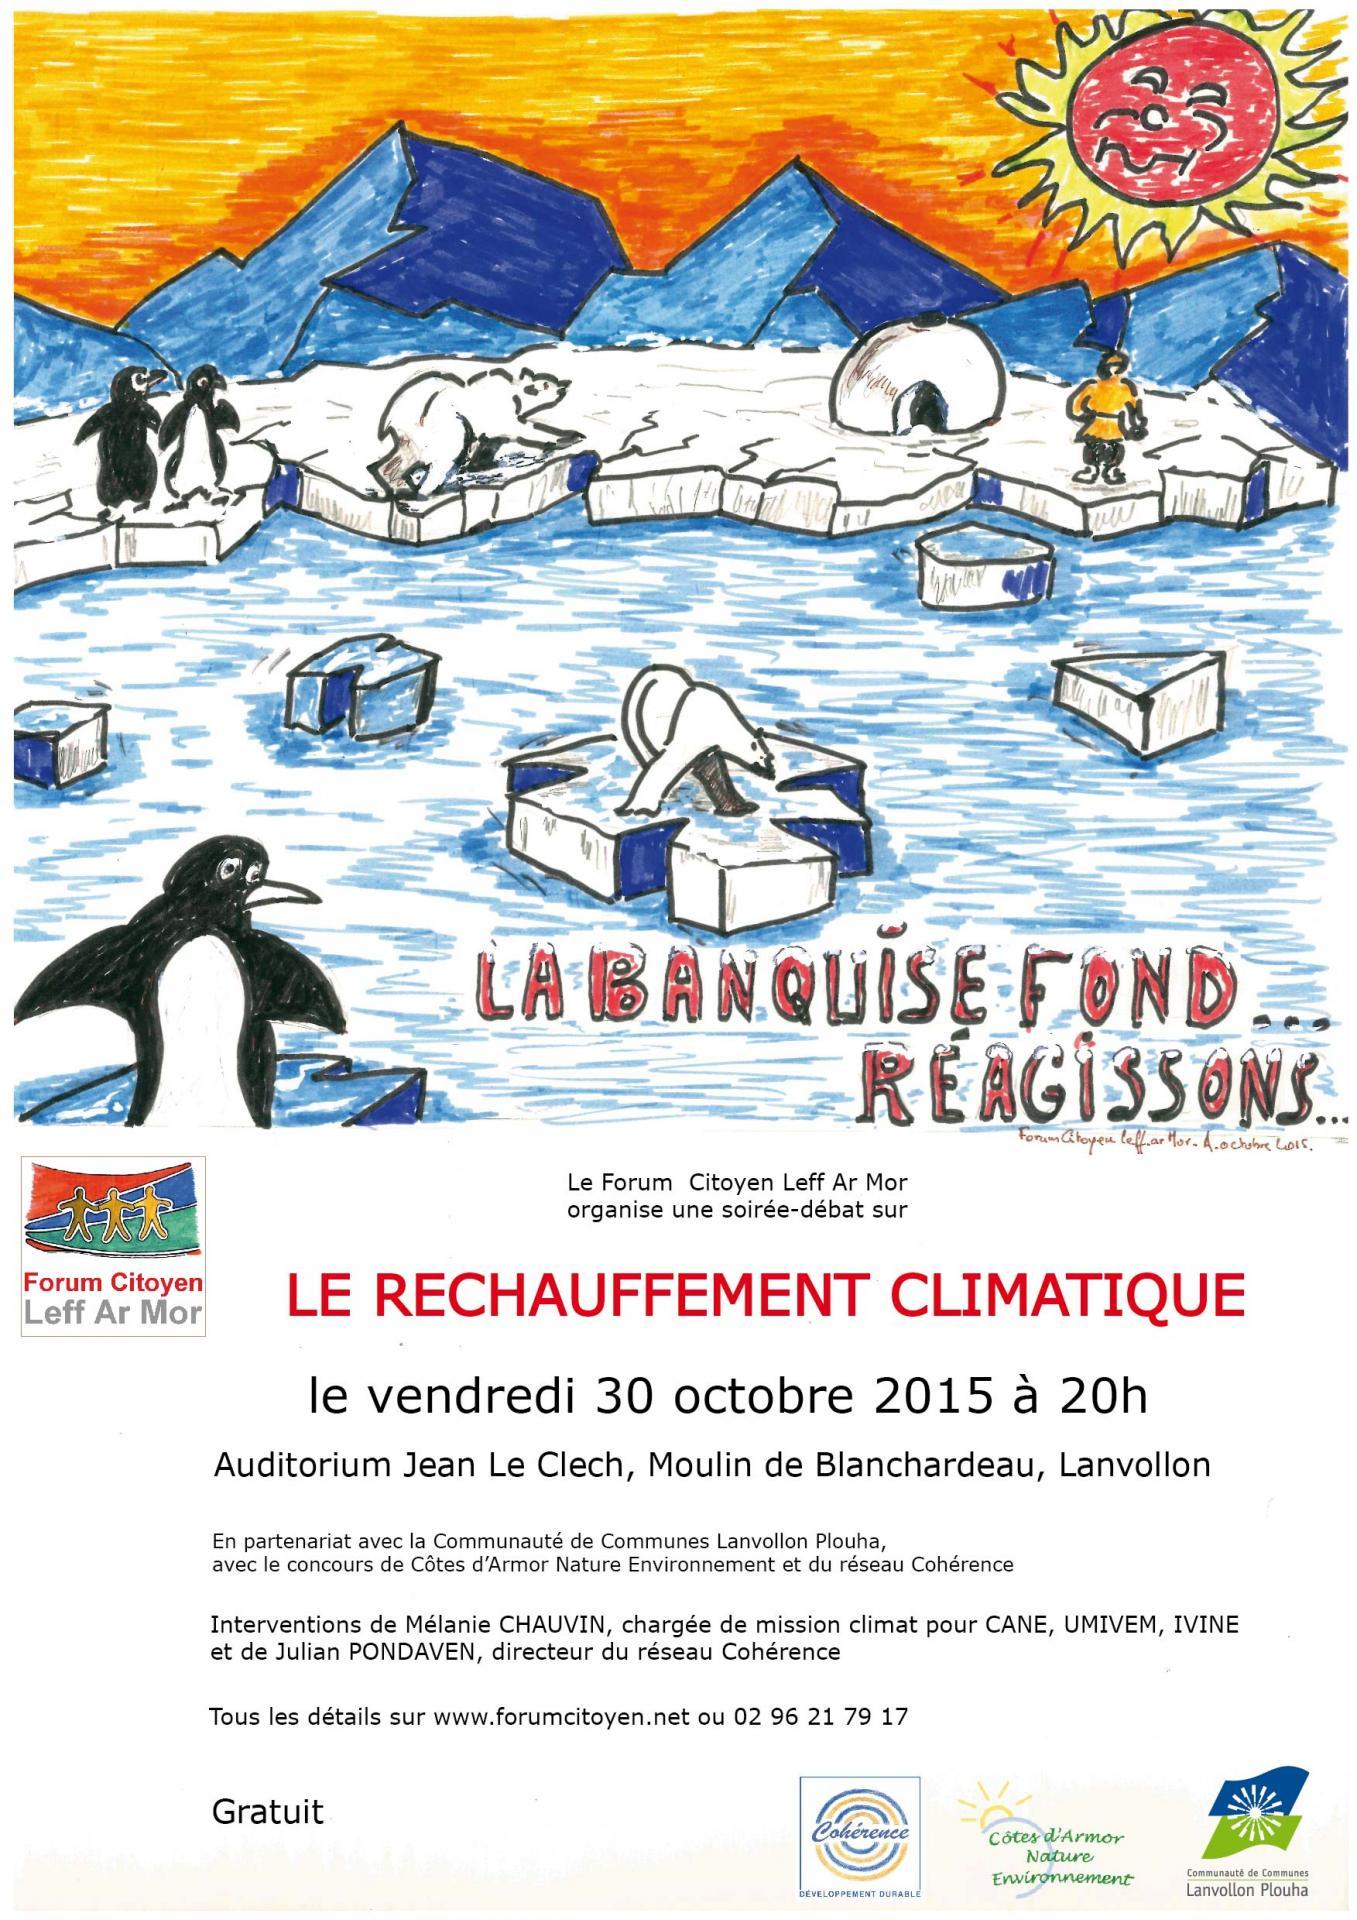 Affiche officielle soiree climat